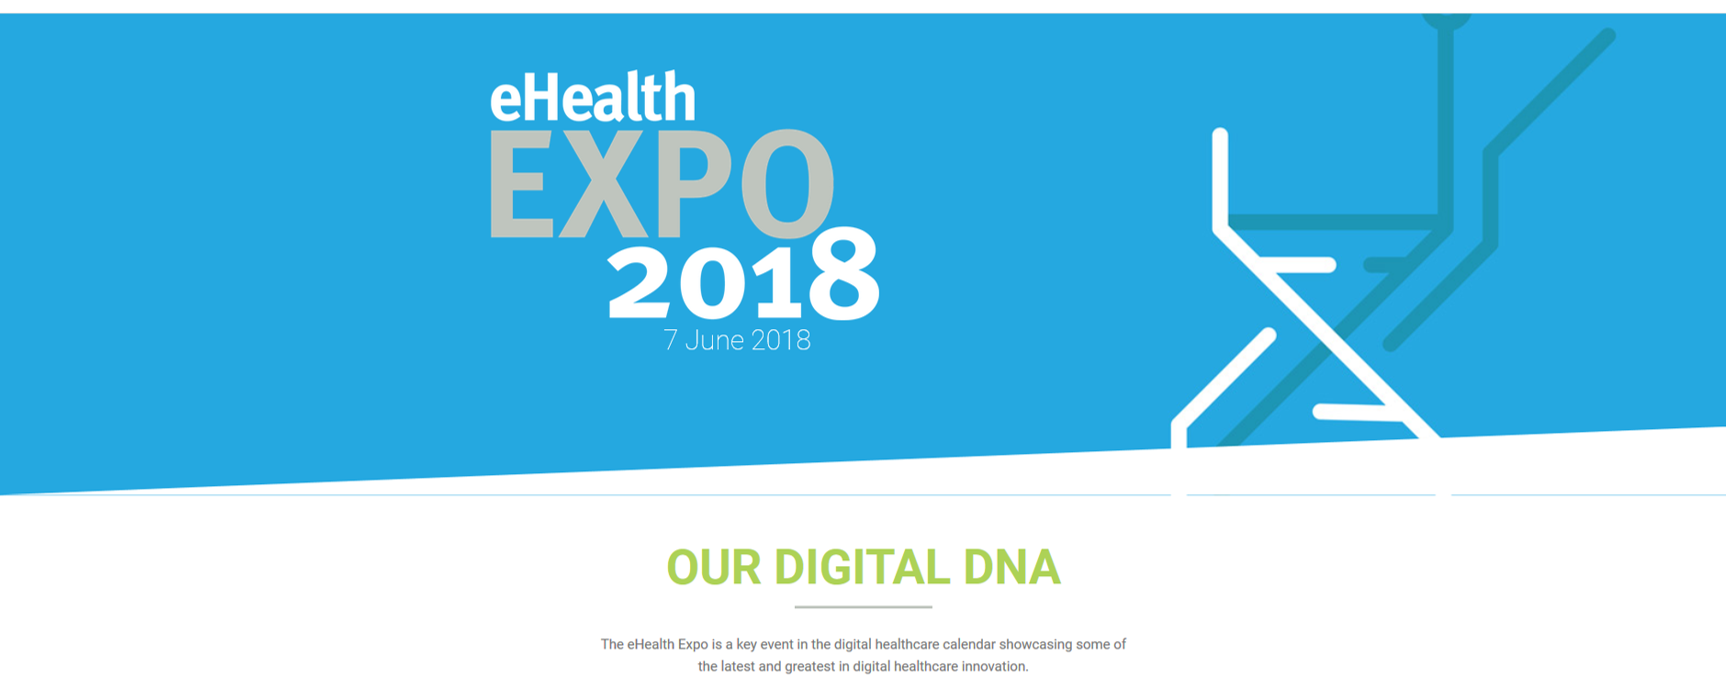 https://www.health.qld.gov.au